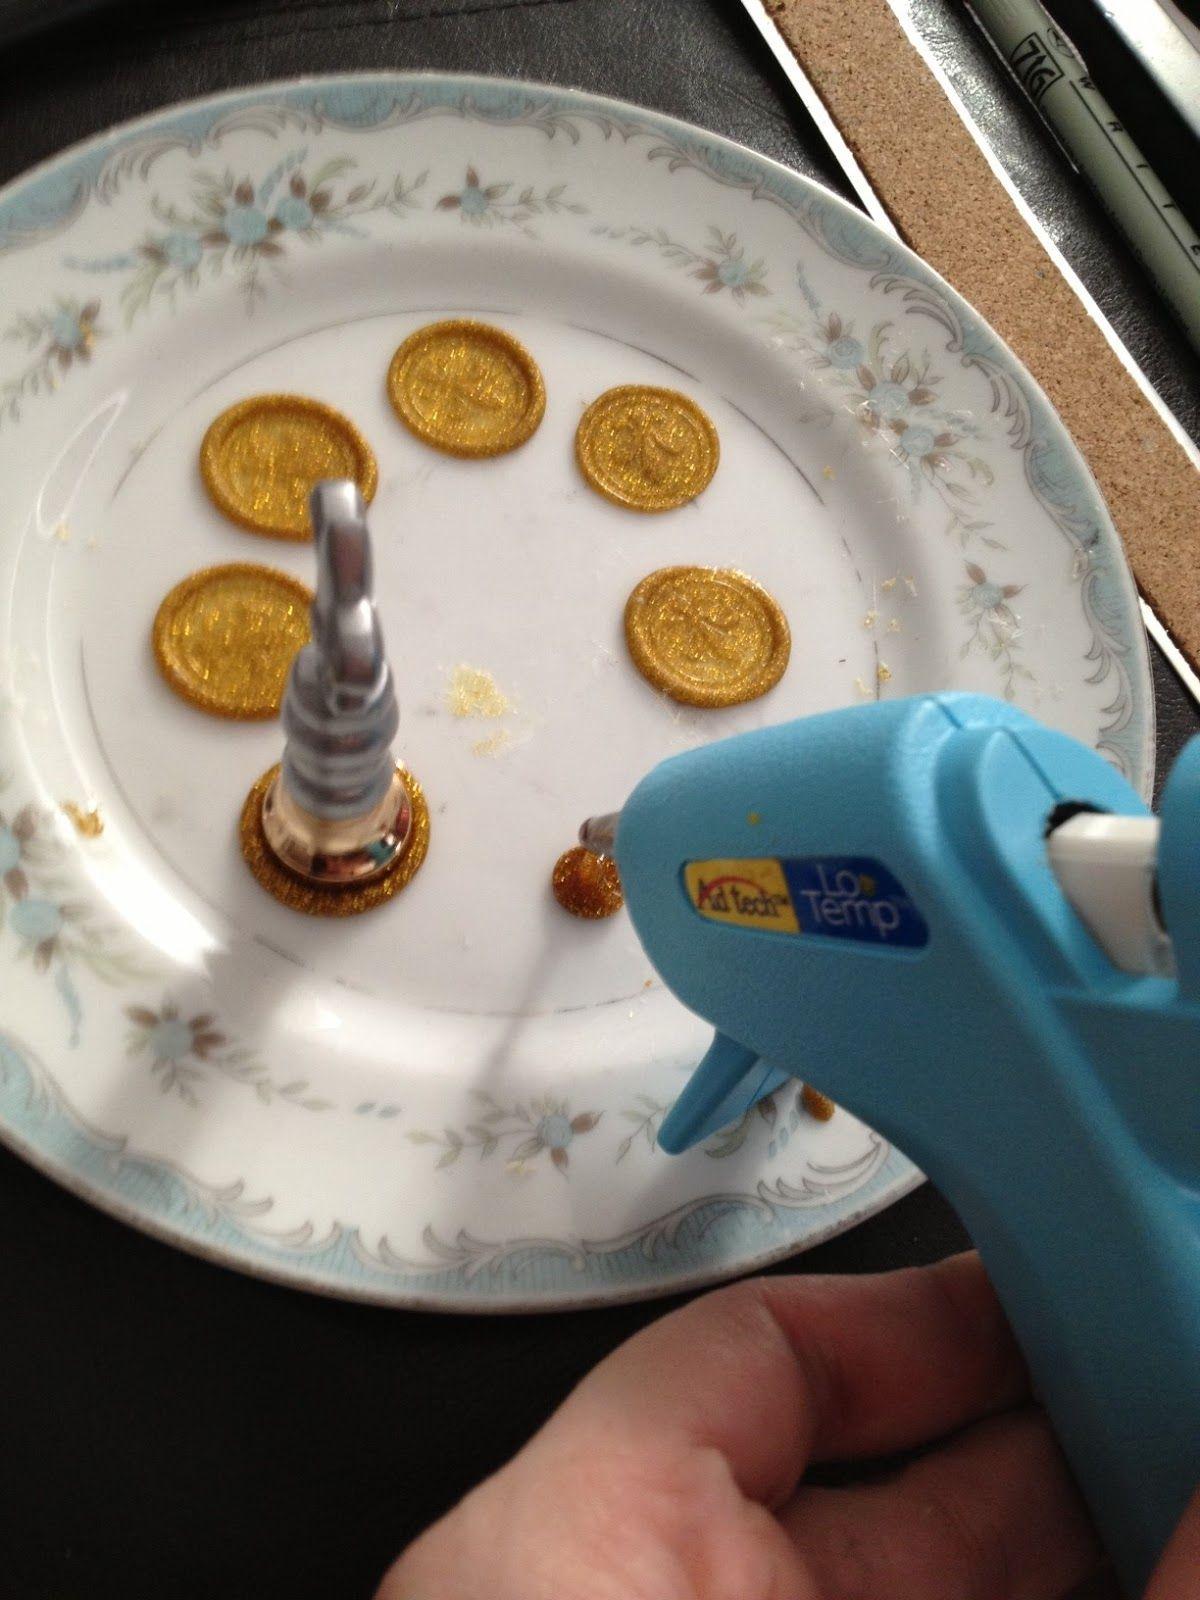 Glue gun wax seals You can buy